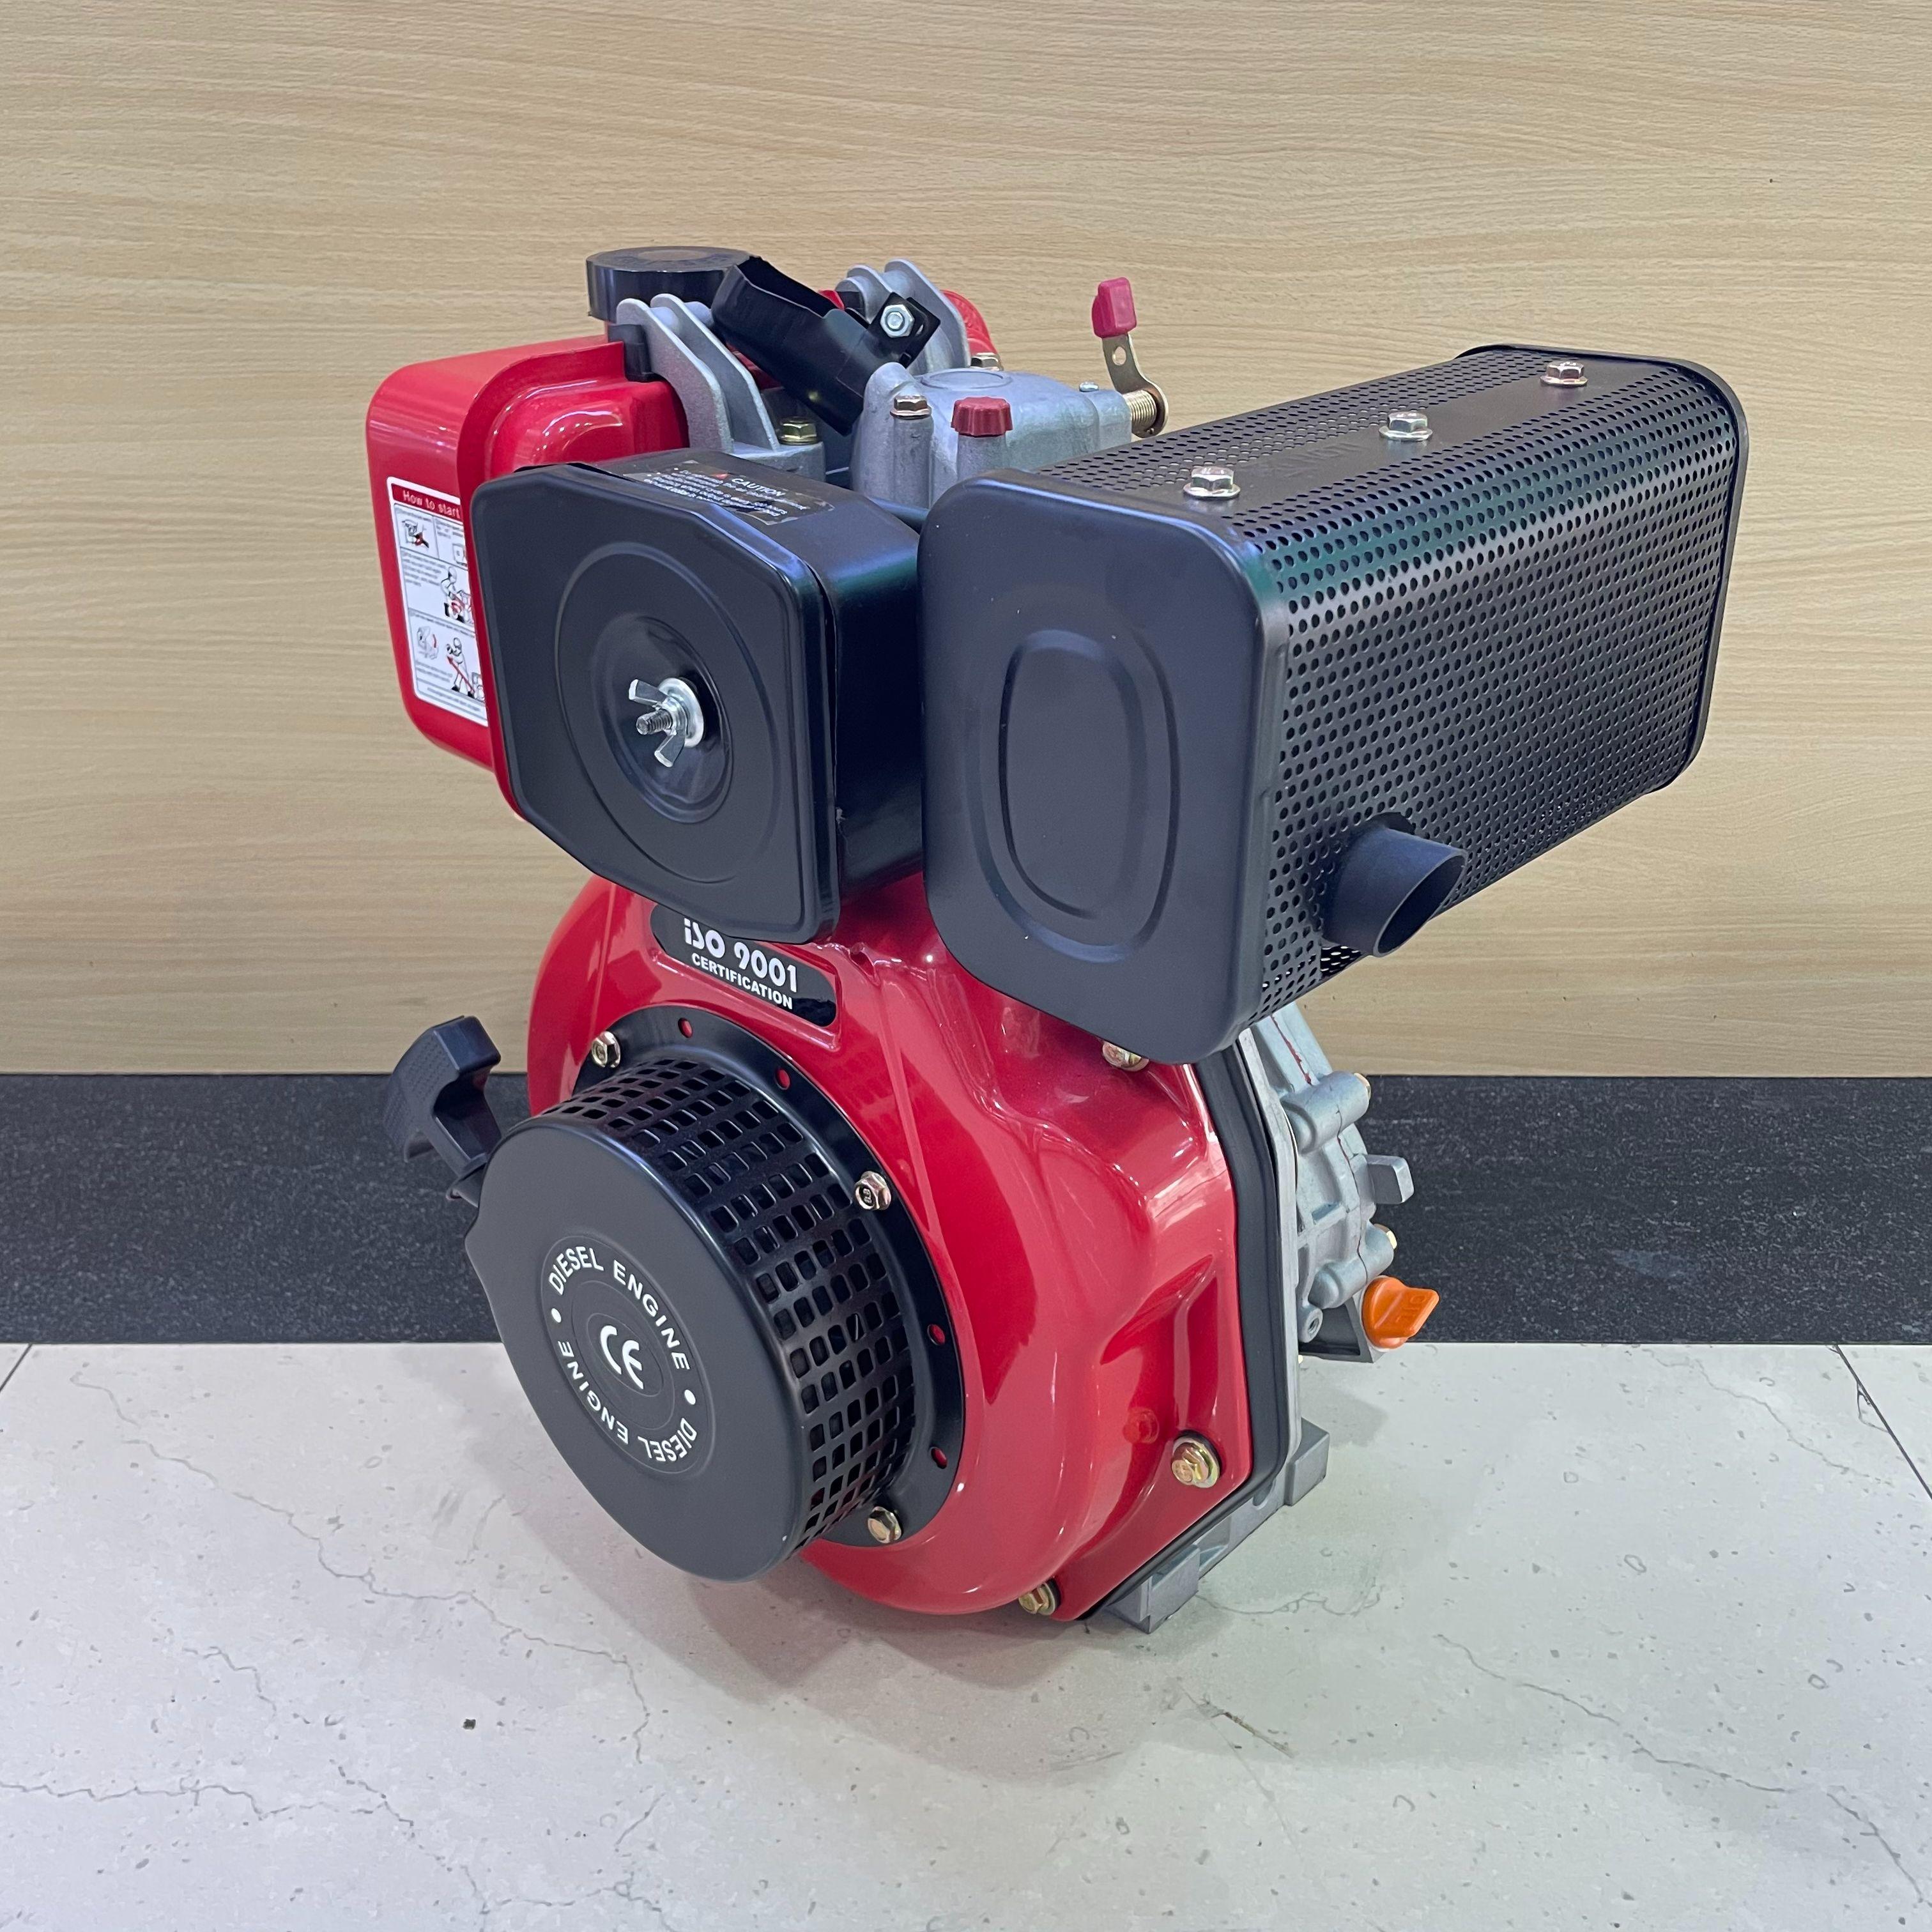 辉腾外贸工厂直销 柴油机 四冲程立式风冷单缸柴油机 178F发动机